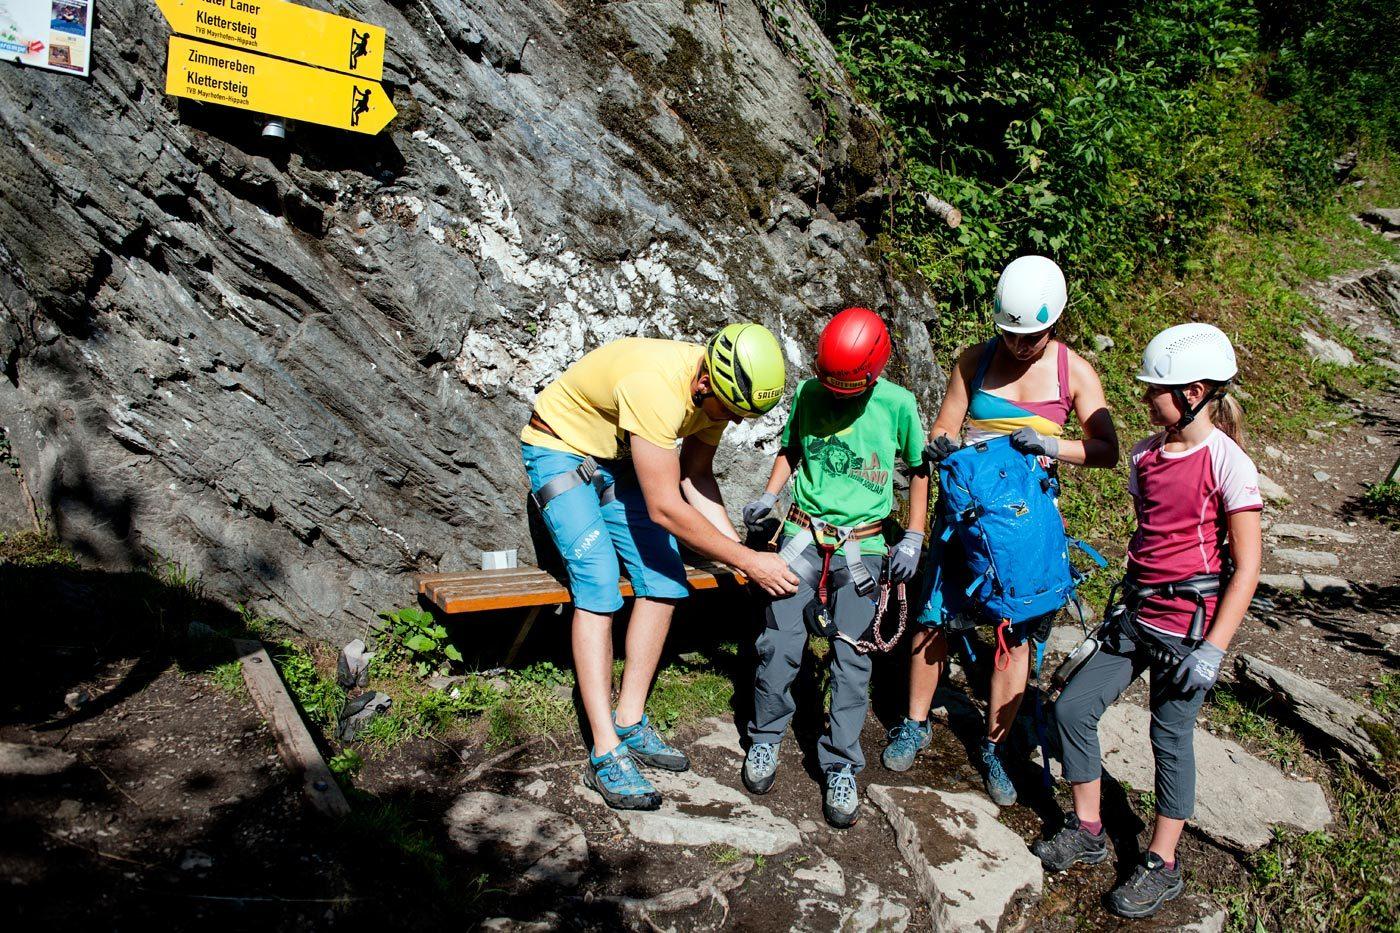 Klettersteig Zimmereben : Csaba at klettersteigguide tirol klettersteig huterlaner